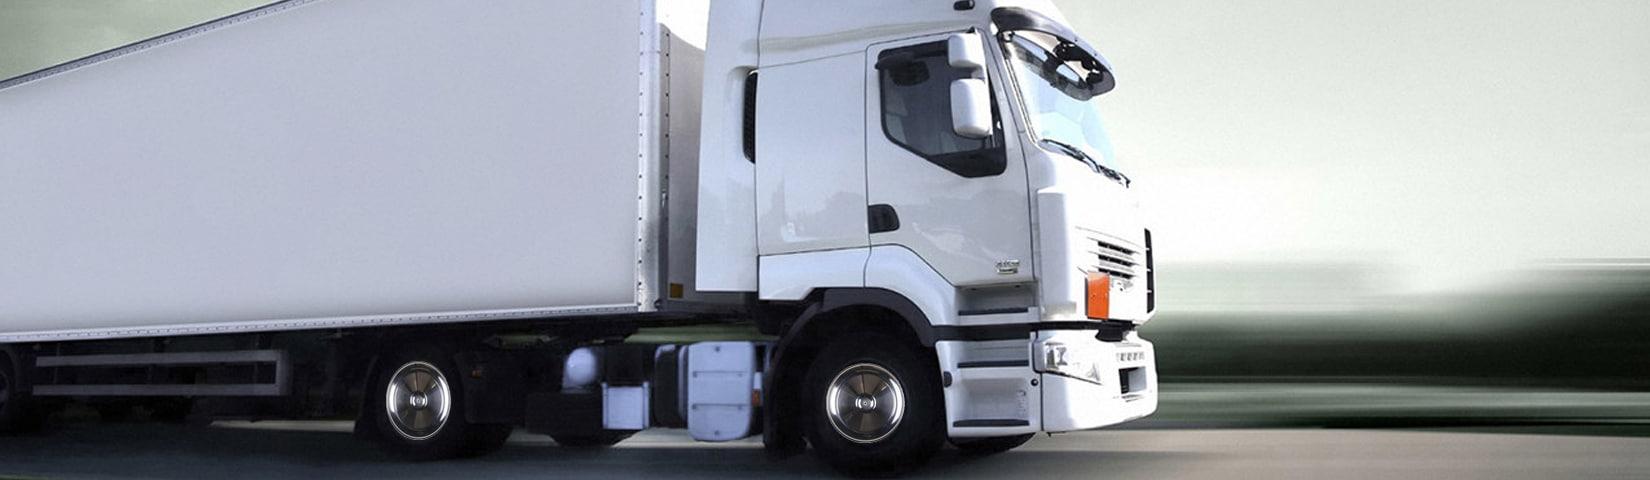 camion traslochi e trasporti roma